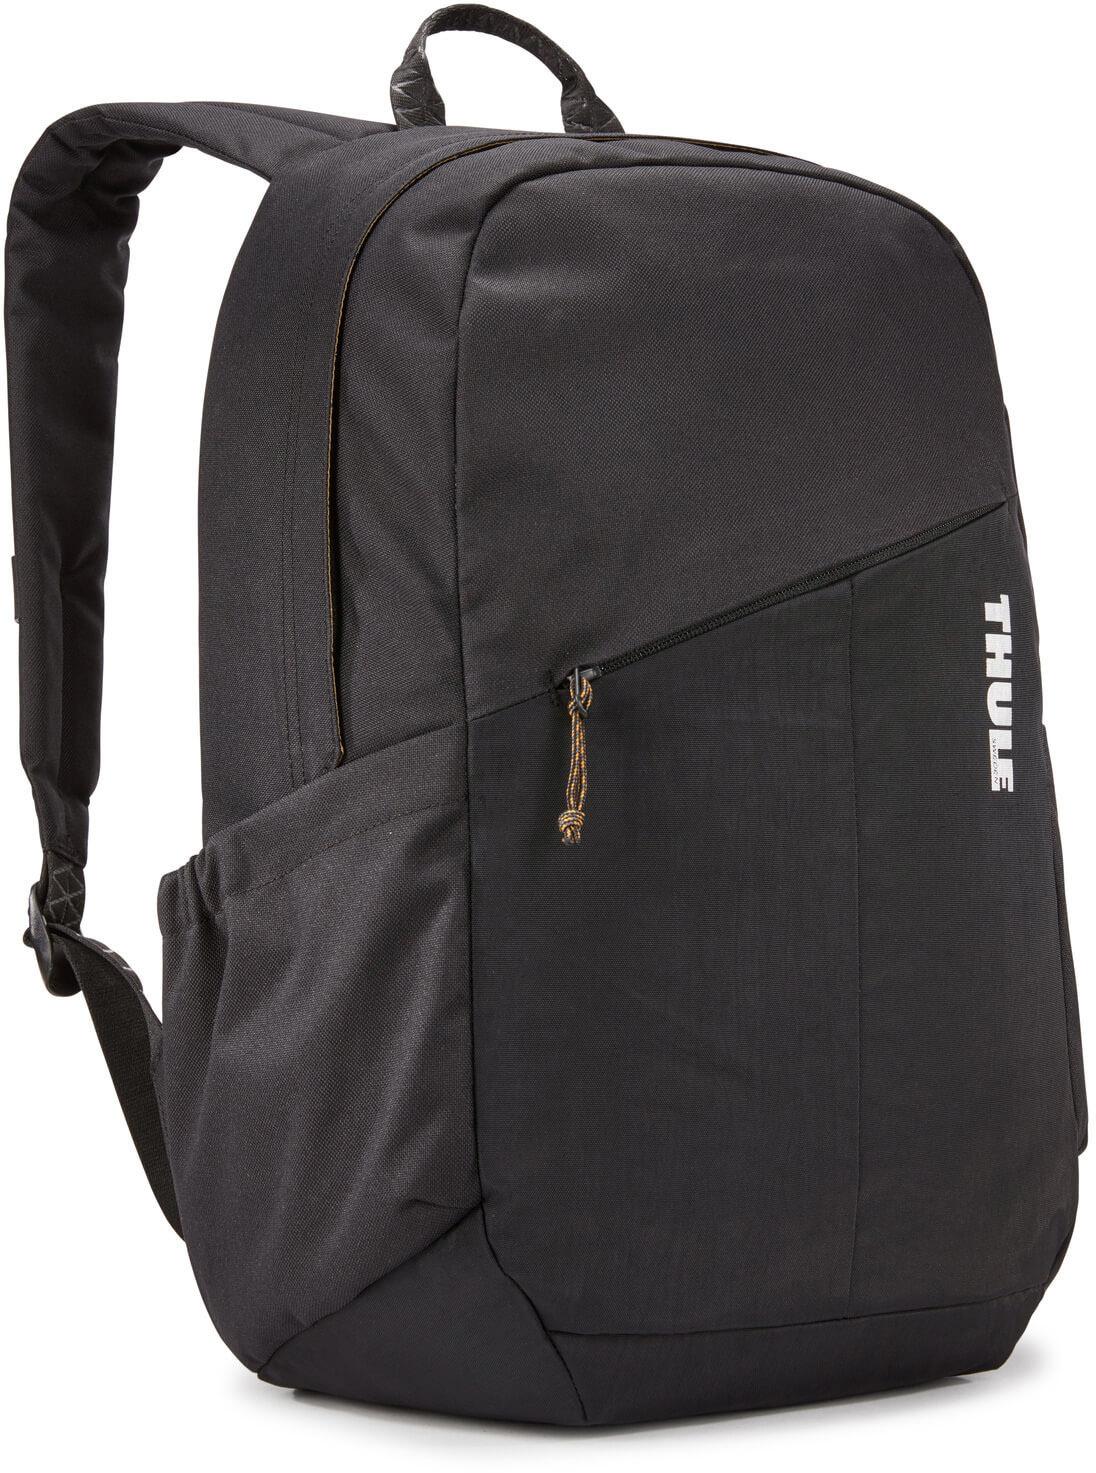 Городские рюкзаки Thule Рюкзак Thule Notus Backpack 20l 3204304.jpg